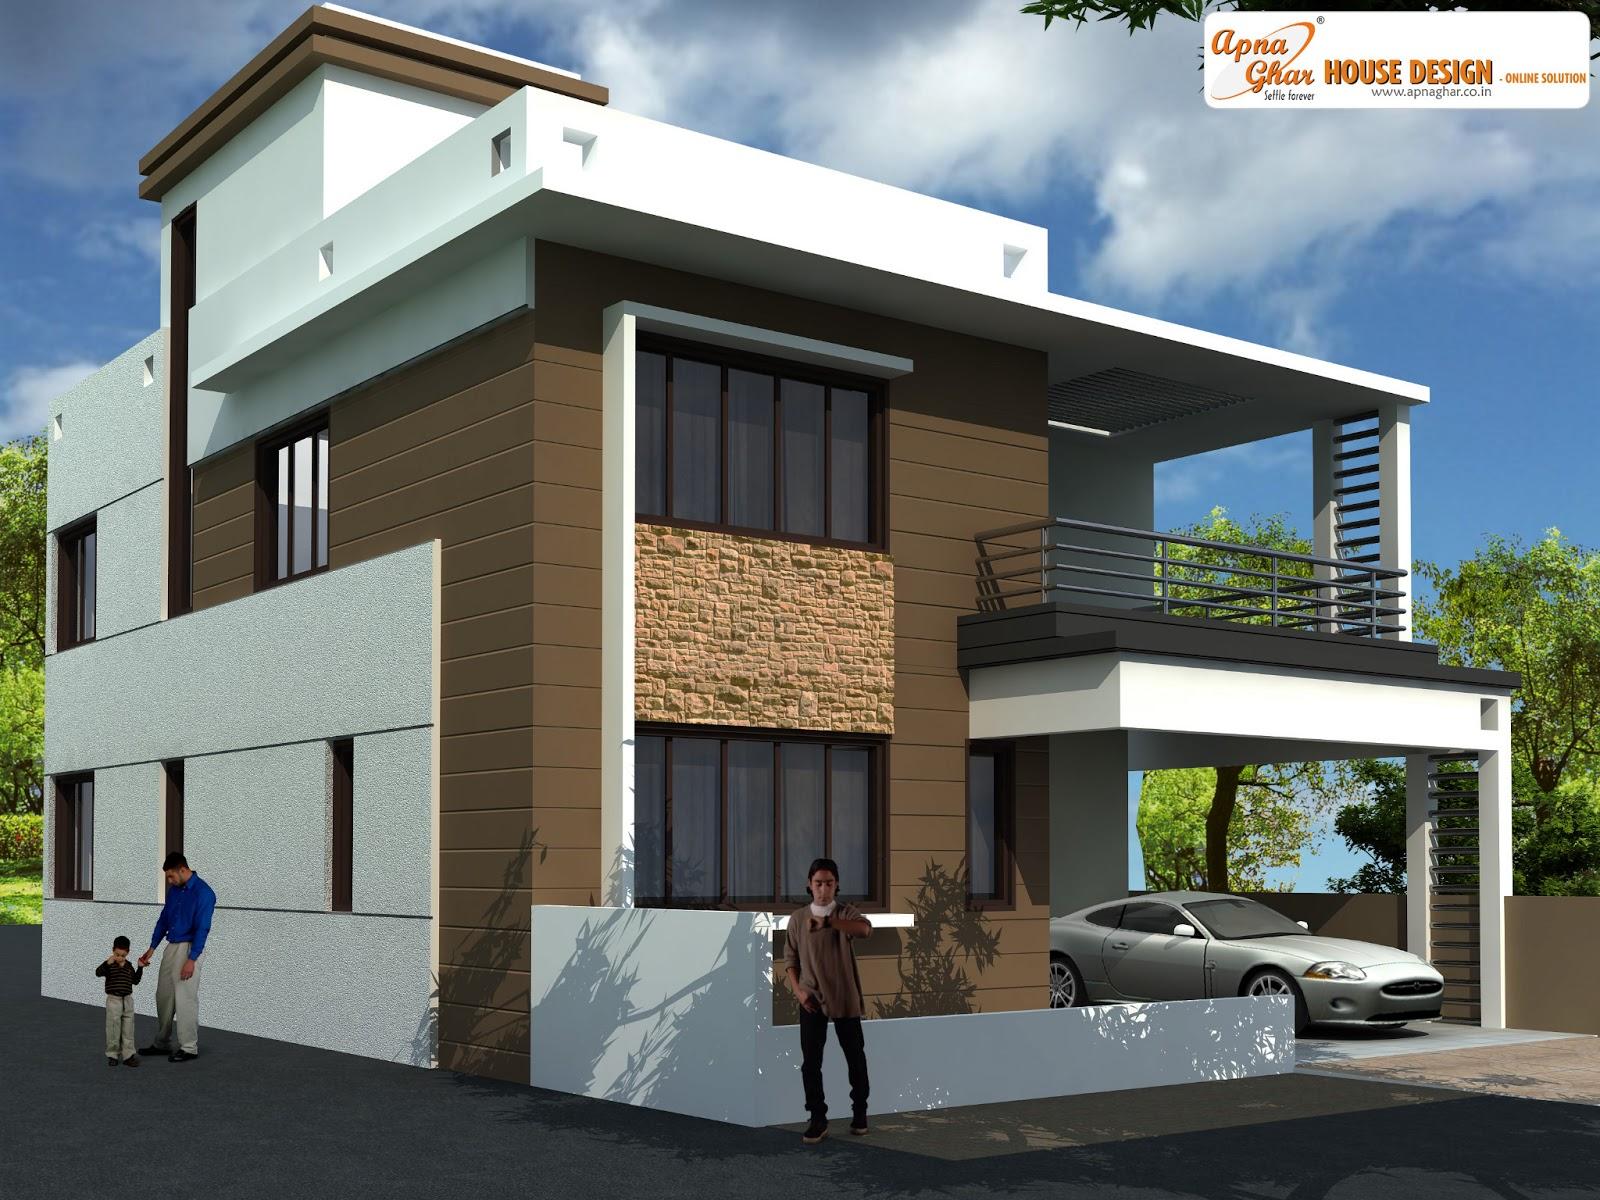 3 Bedrooms Duplex House Design In 135m2 9m X 15m Apnaghar